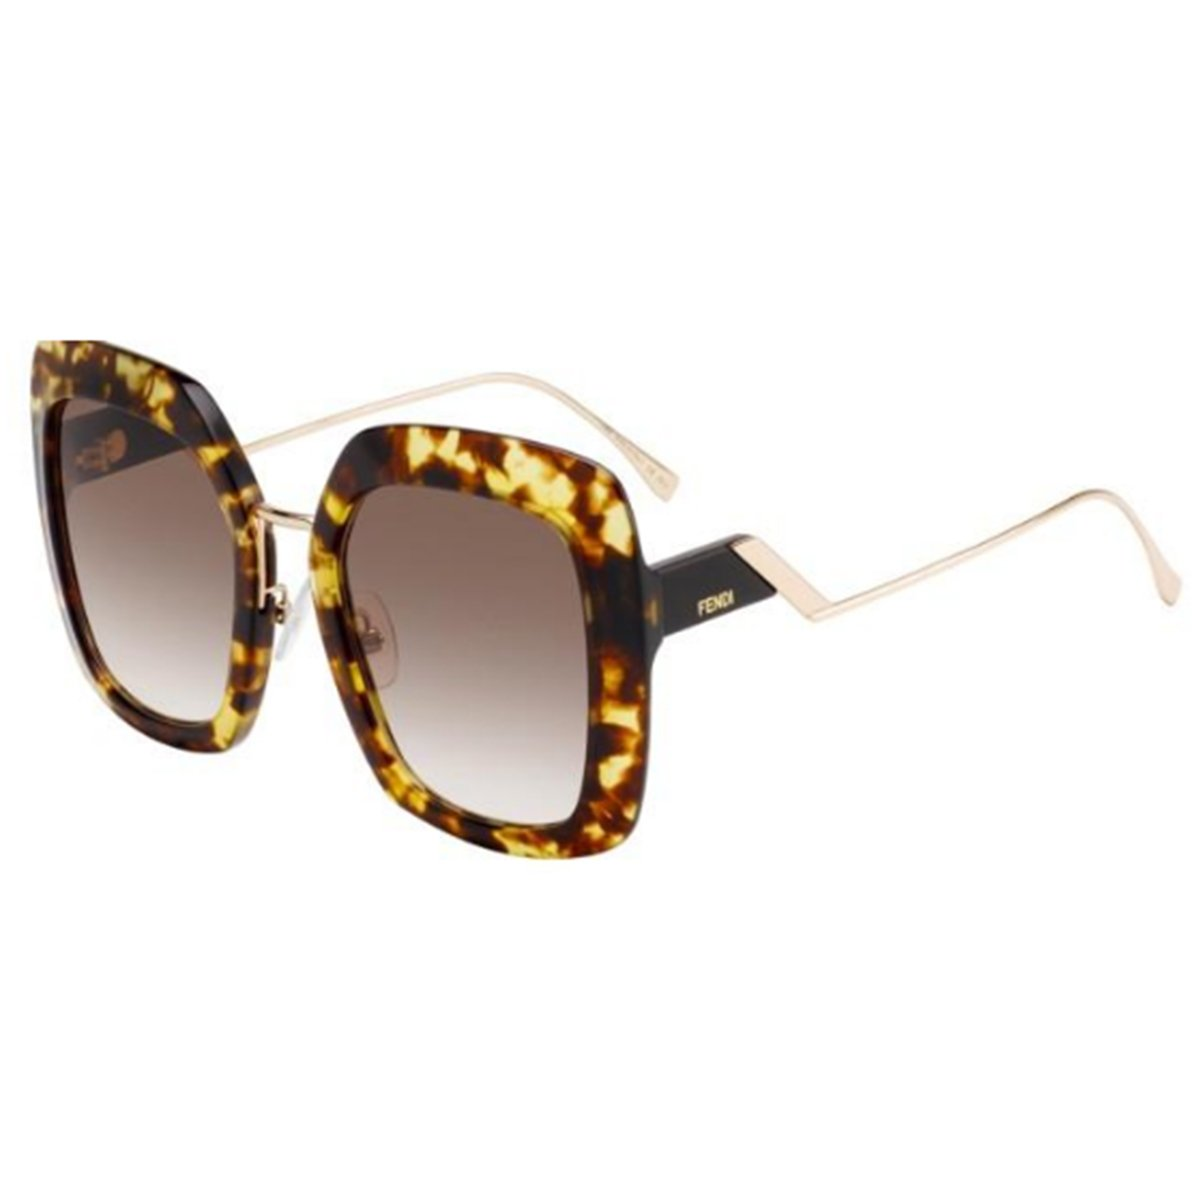 e812038ef Compre Óculos de Sol Fendi Tropical Shine em 10X   Tri-Jóia Shop